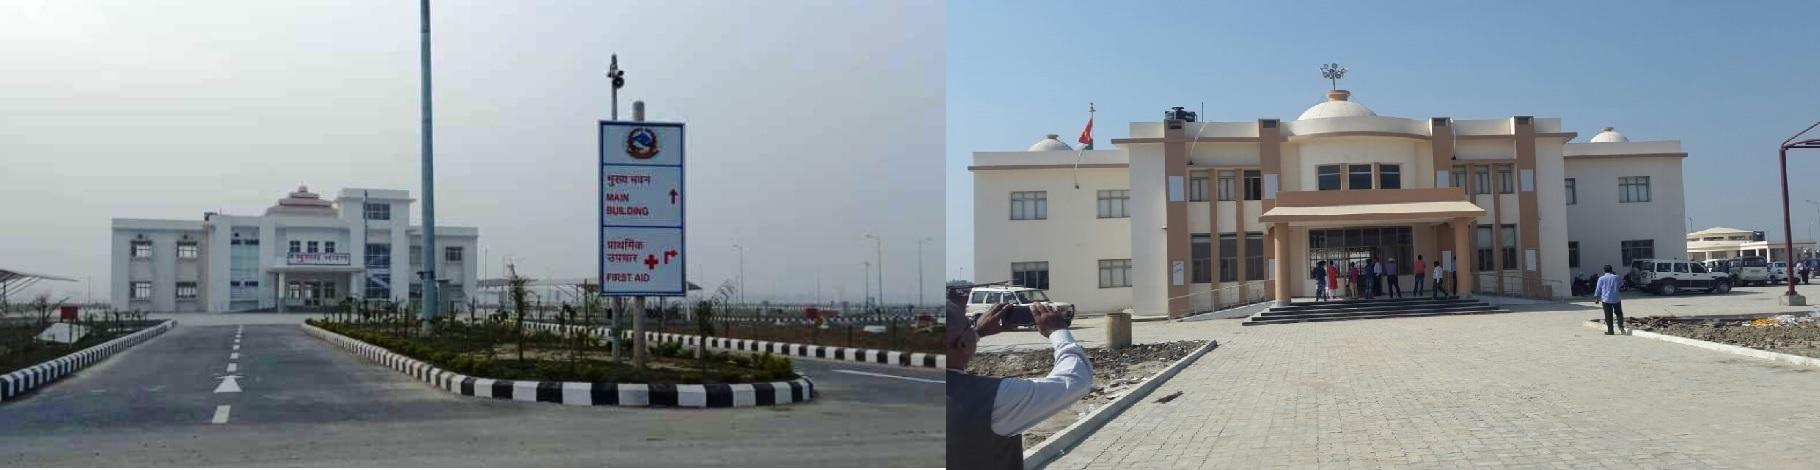 प्रधानमन्त्री ओली र भारतीय समकक्षी मोदीद्वारा आईसीपी उद्घाटन हुँदै